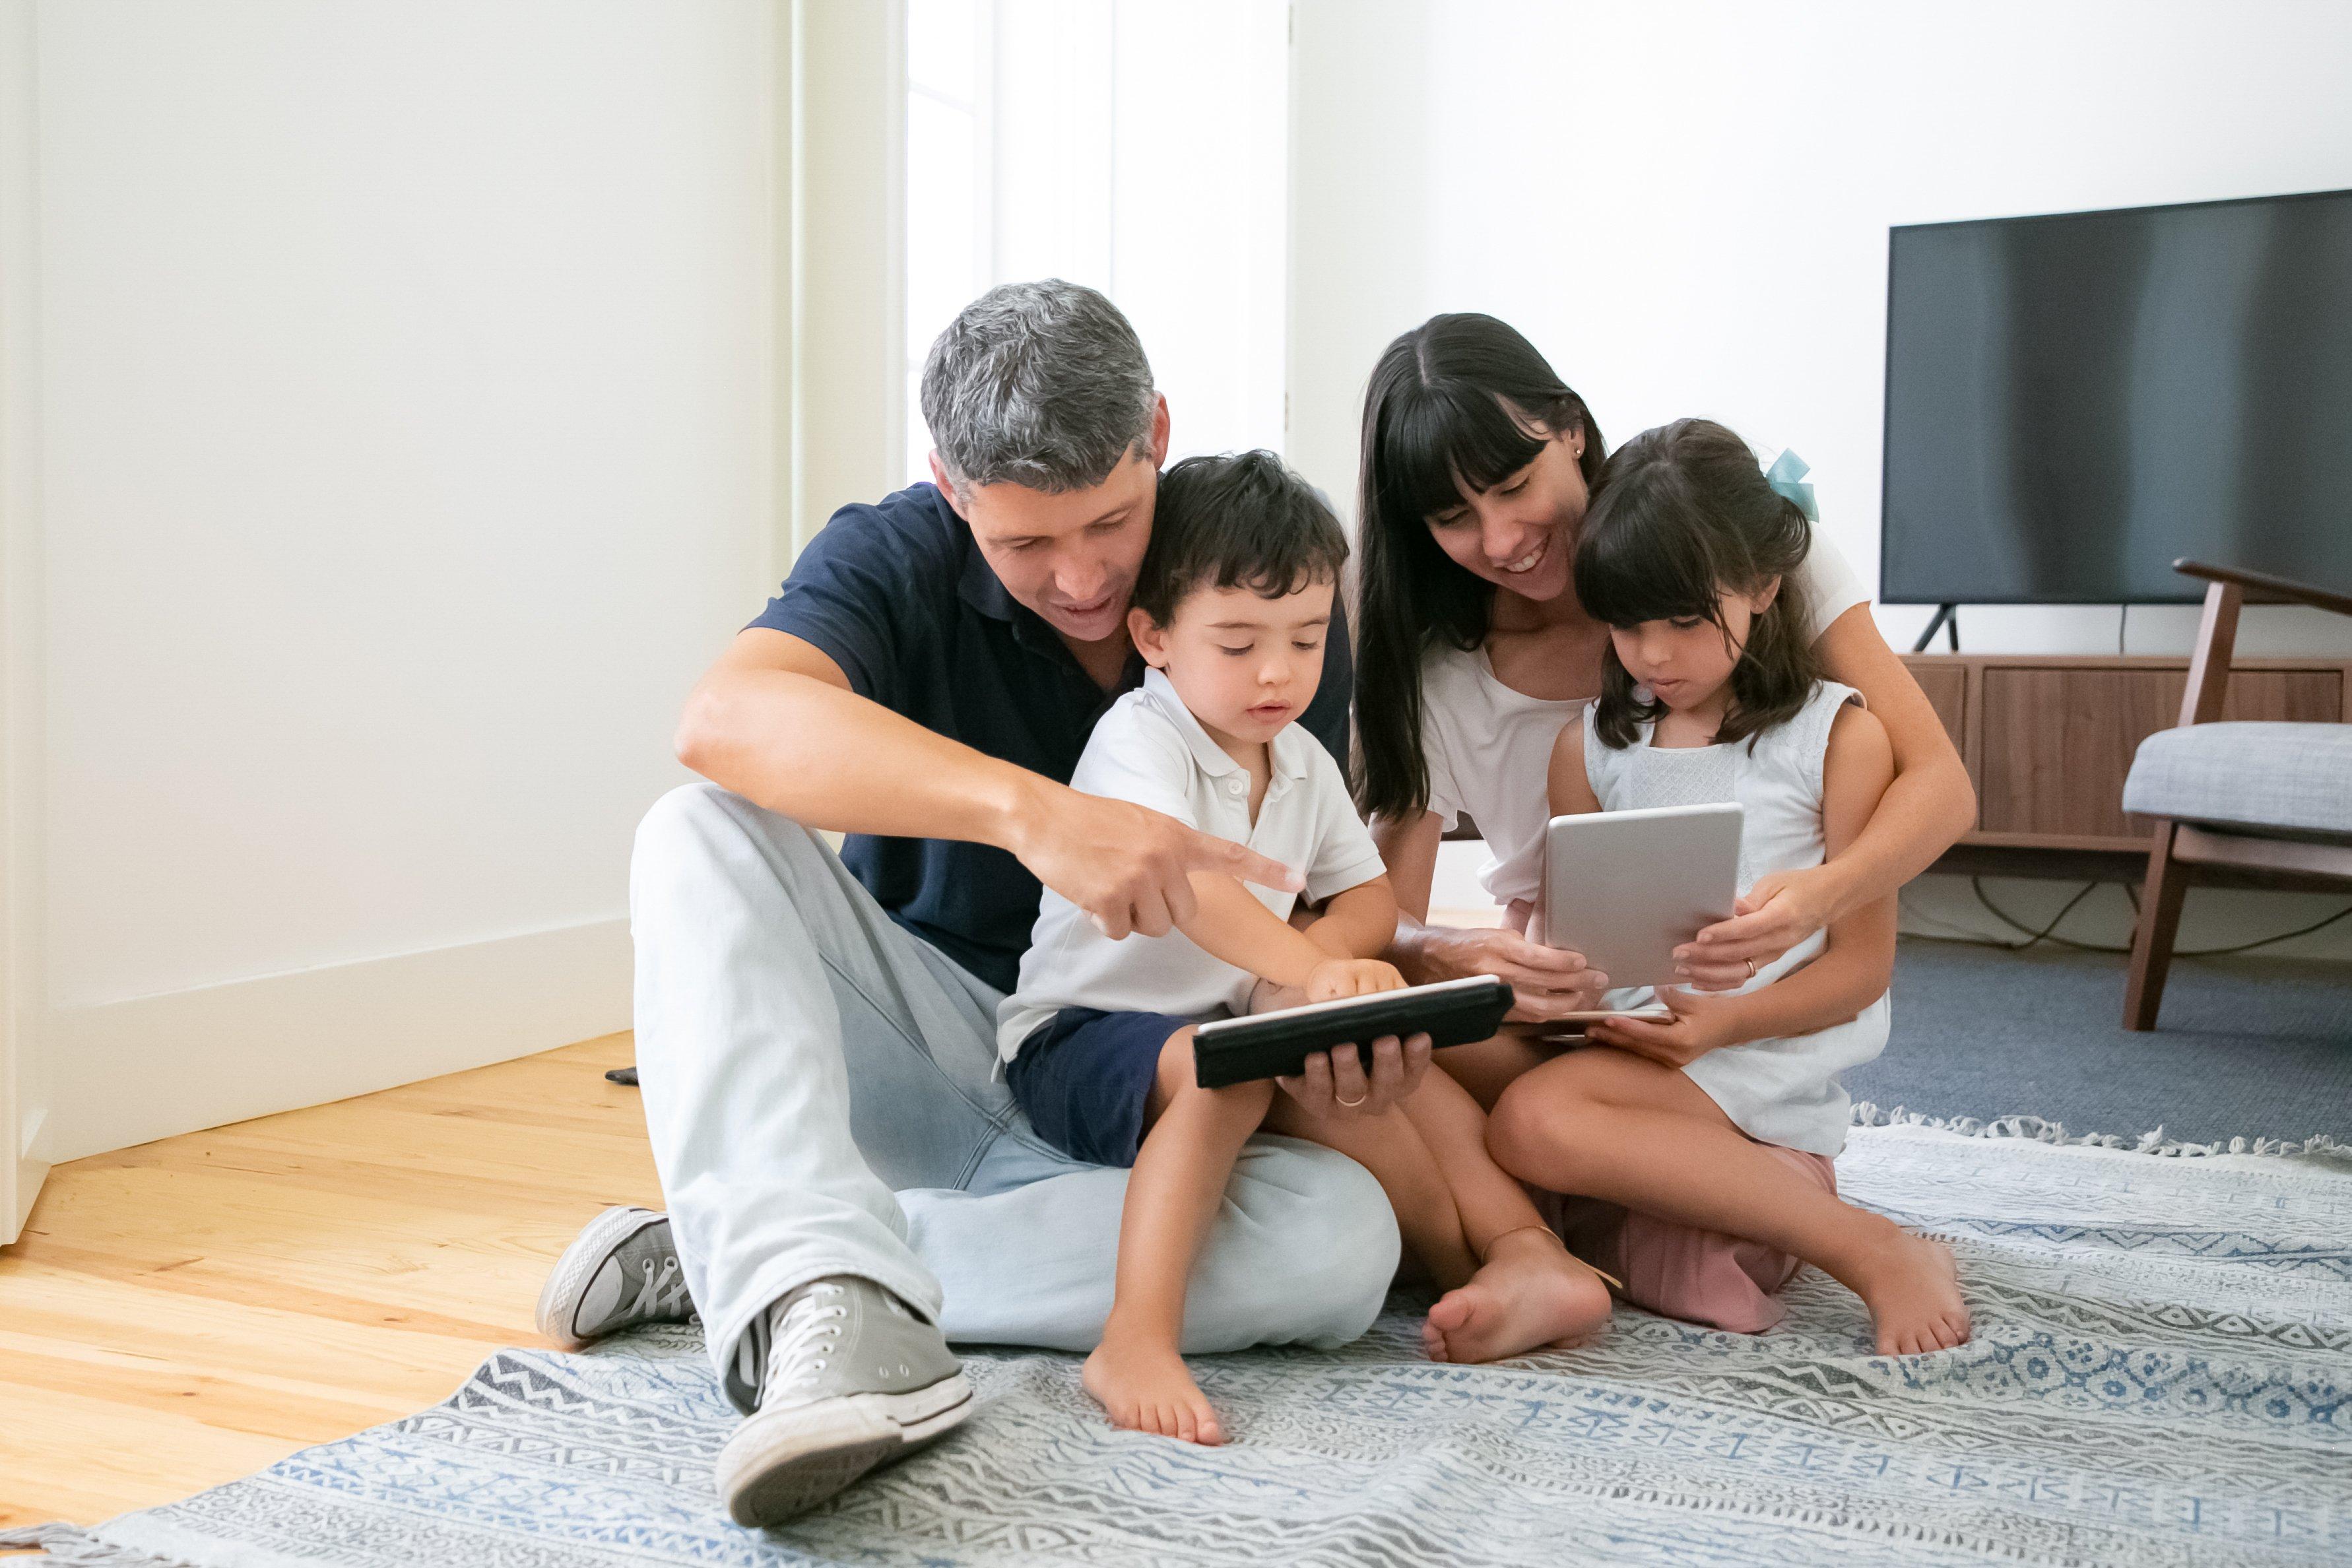 Como-tus-hijos-pueden-aprovechar-al-maximo-el-tiempo-en-cuarentena-y-las-clases-online